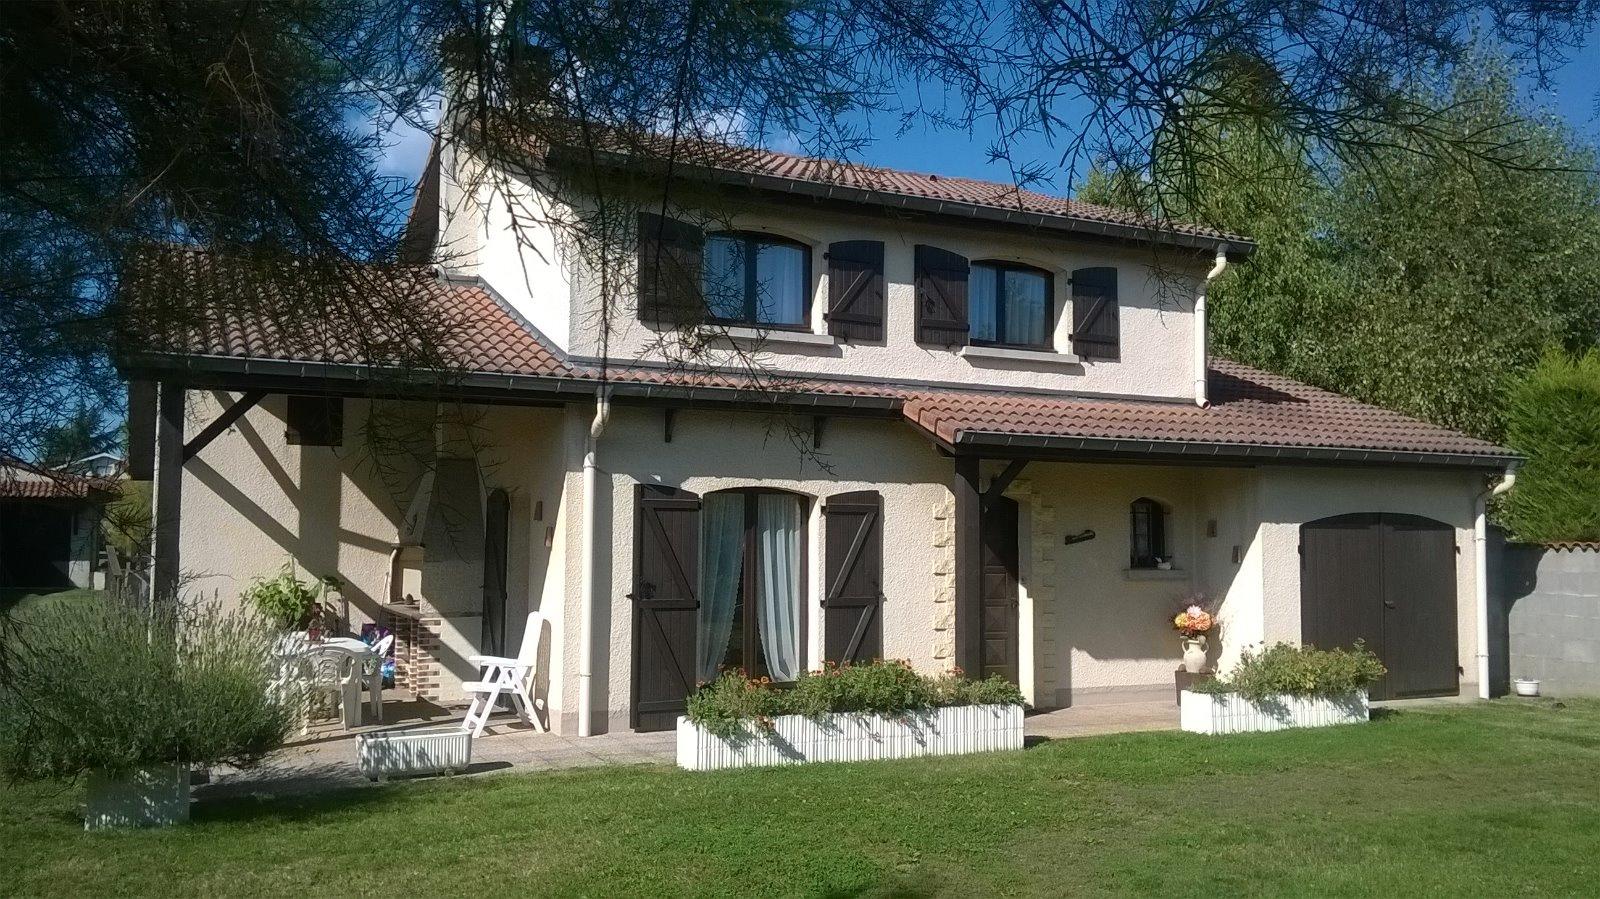 Resultats de votre recherche avec l 39 agent immobilier for Une autre maison andrezieux